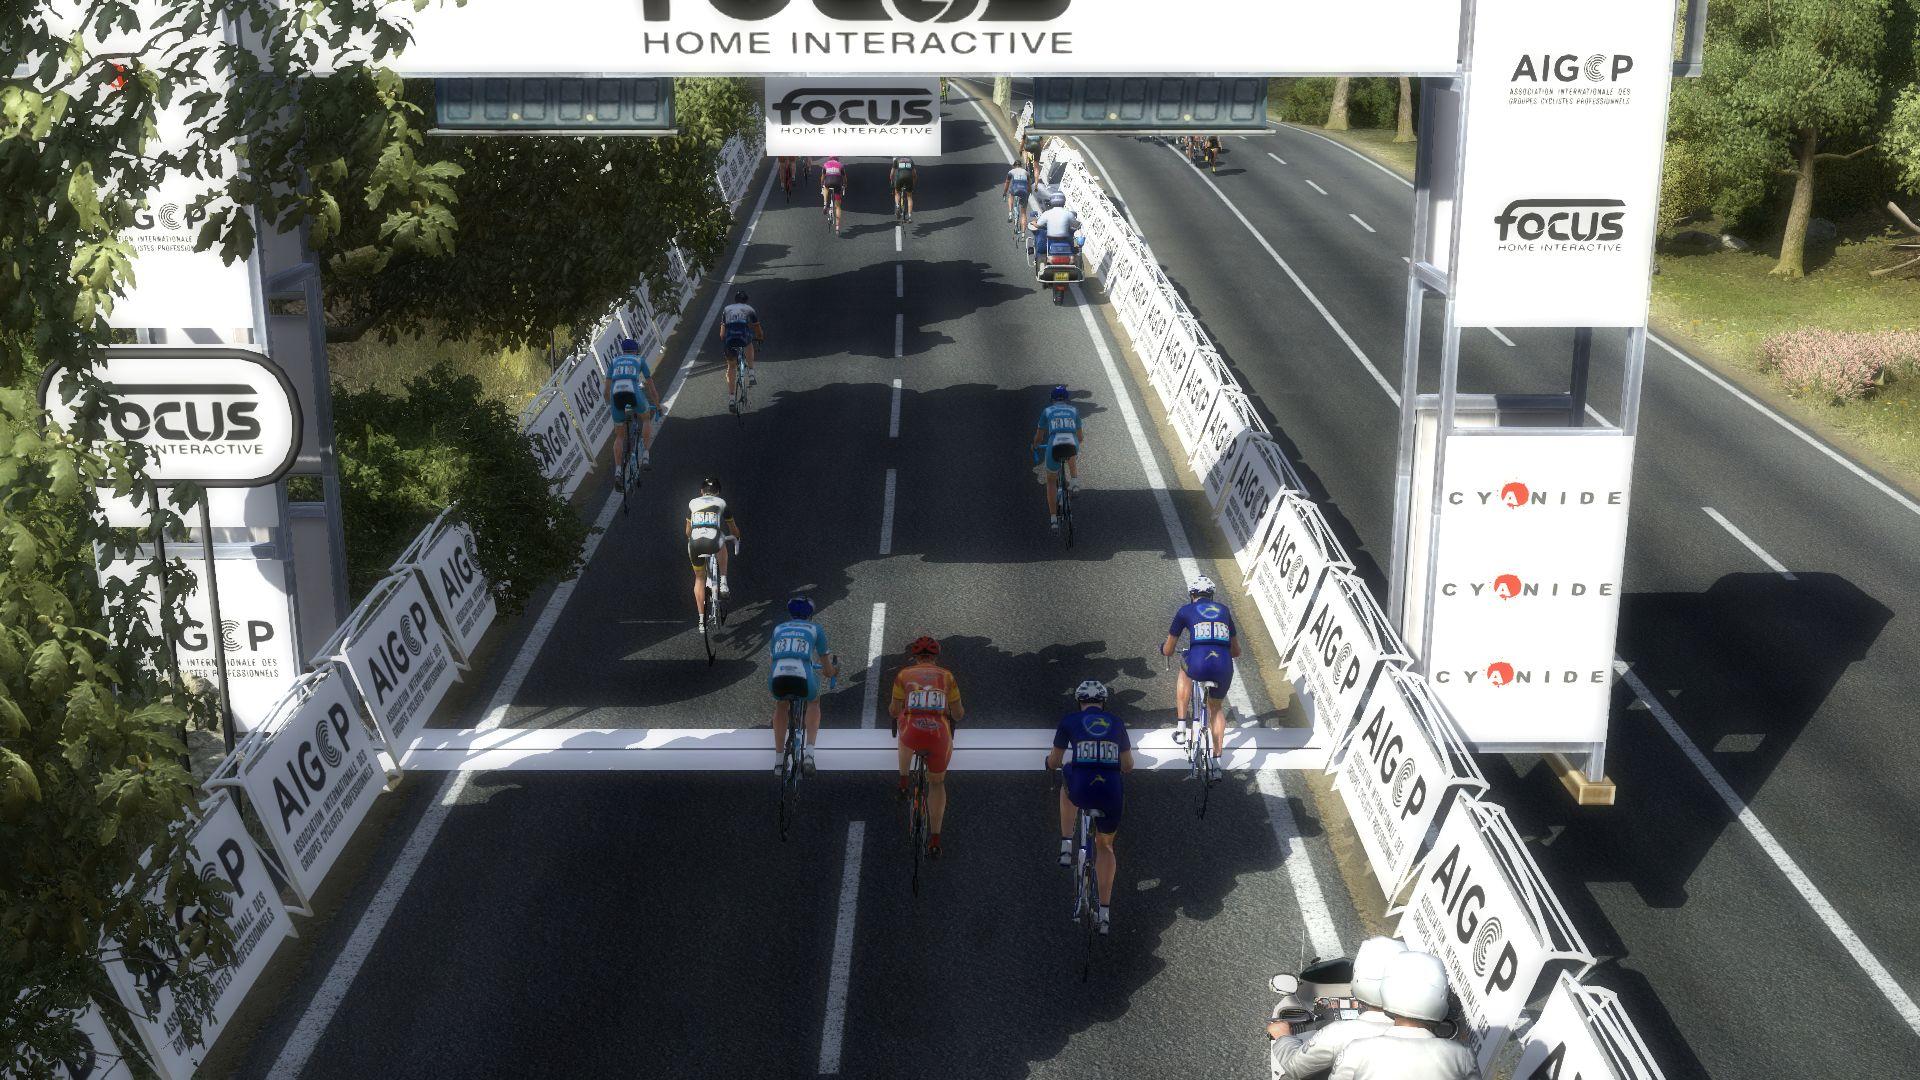 pcmdaily.com/images/mg/2019/Races/PT/Badaling/mg19_bad_23.jpg